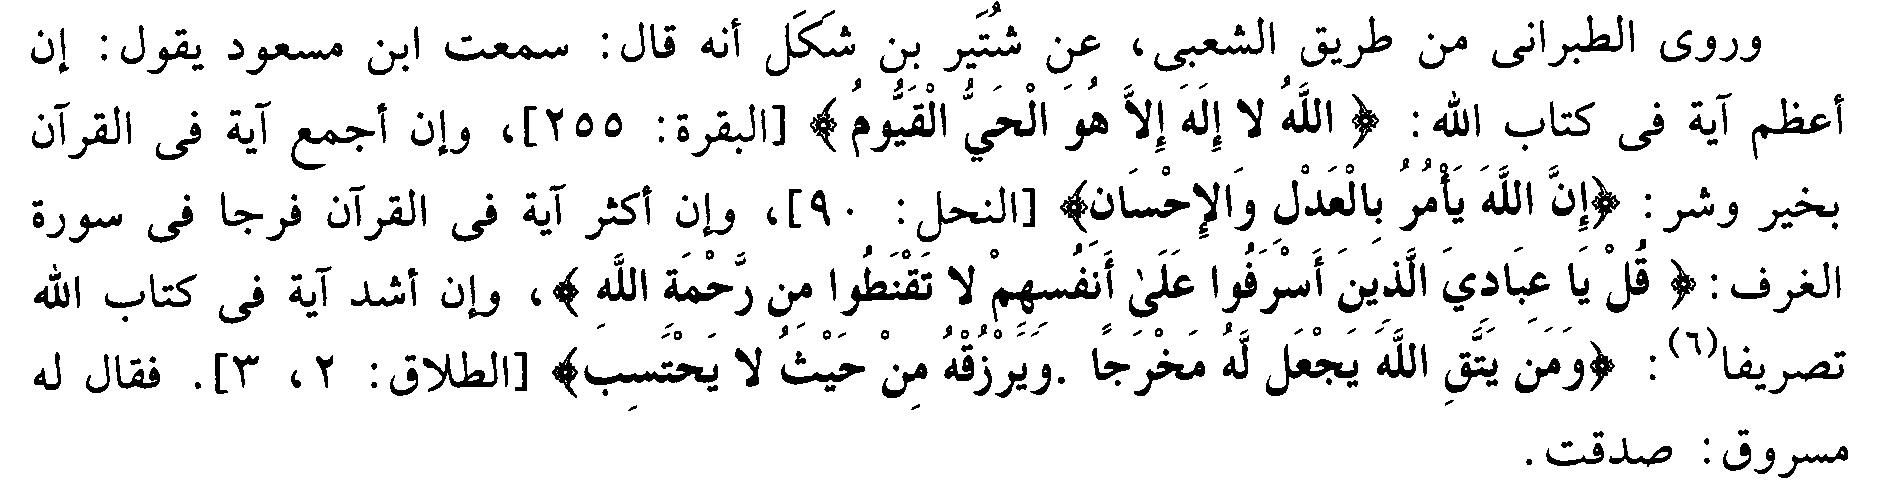 Nukilan Faedah Surat Az Zumar Ayat 53 Abu Hamzah Penta Satriya